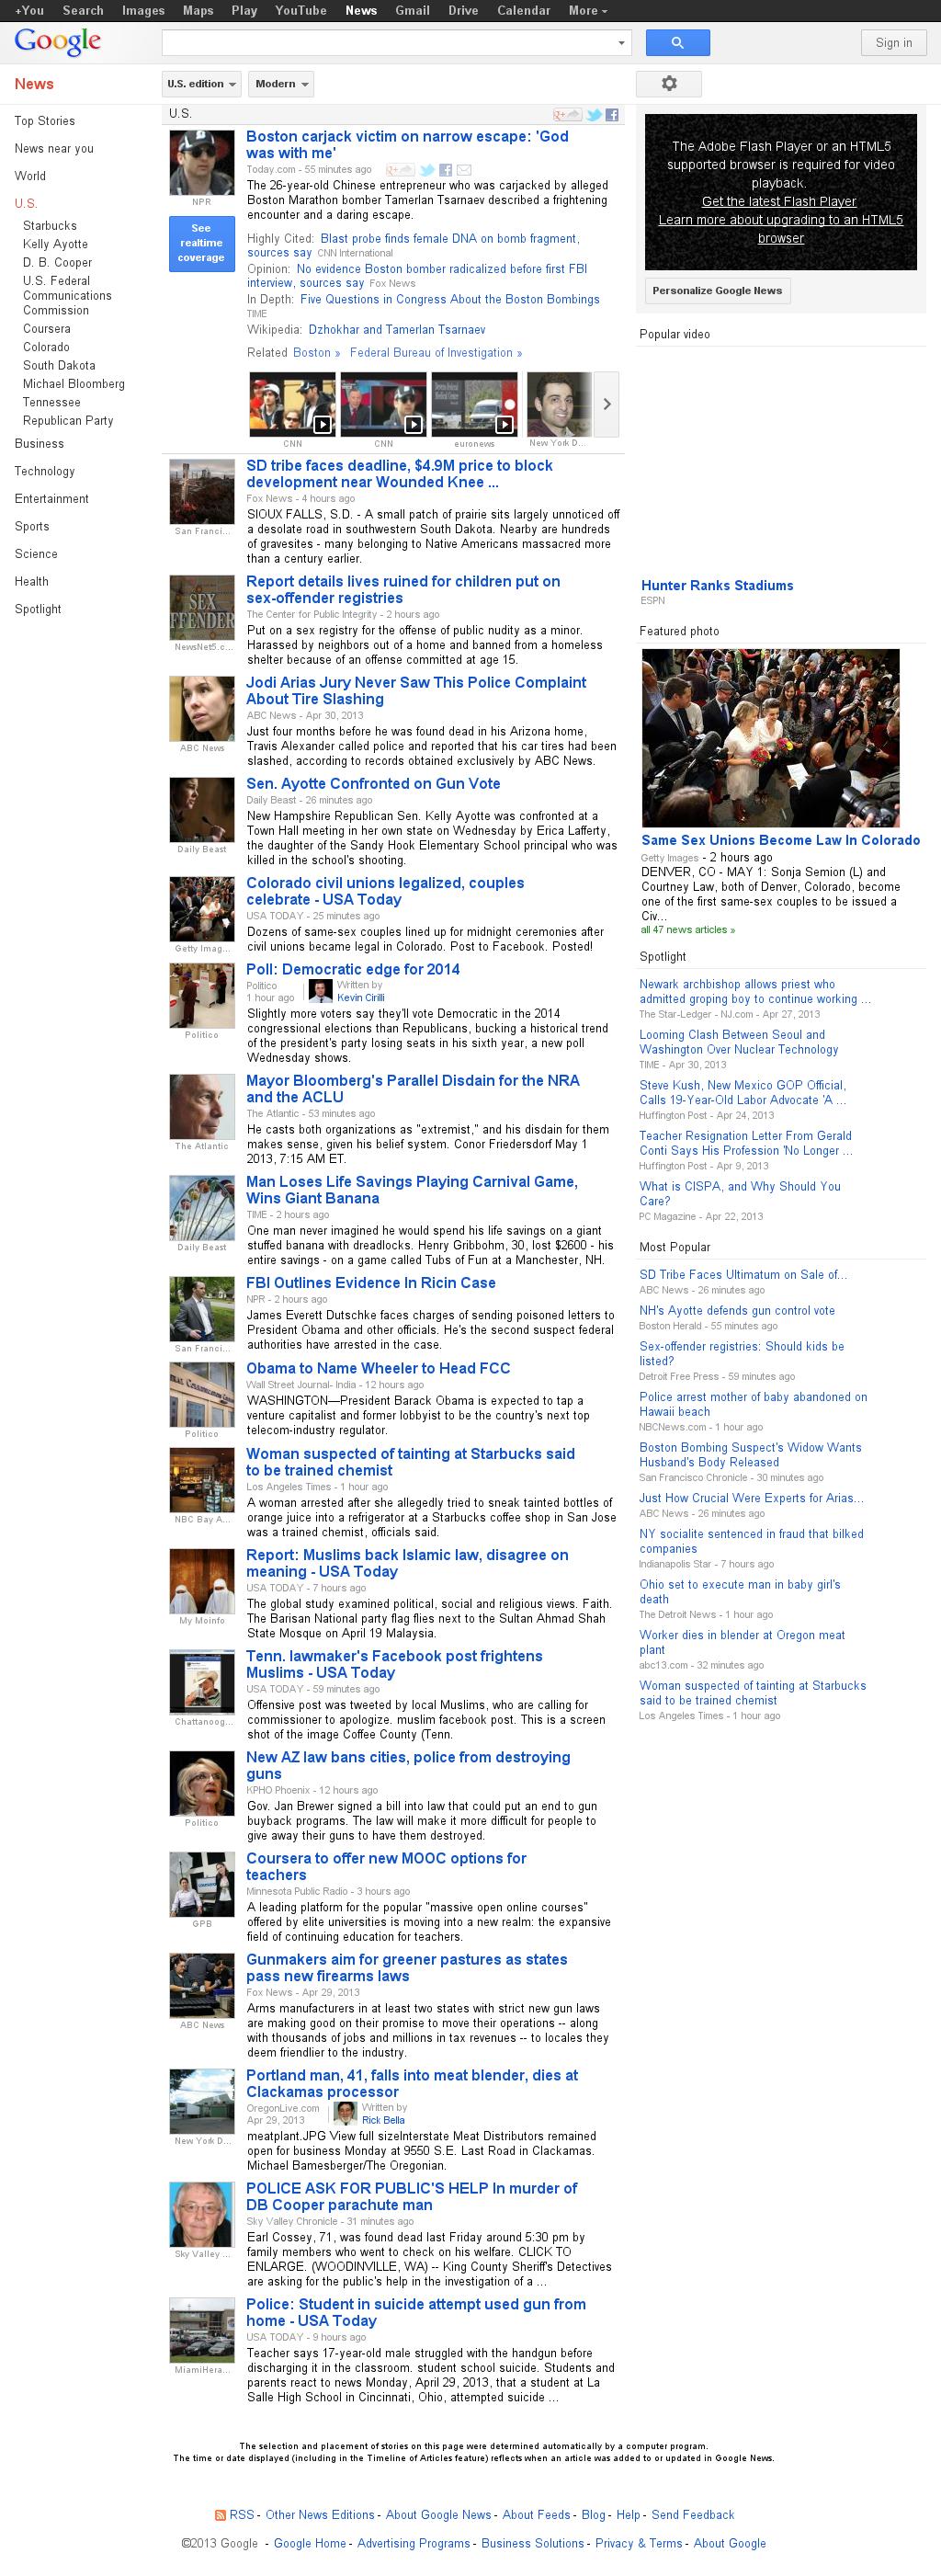 Google News: U.S. at Wednesday May 1, 2013, 12:09 p.m. UTC